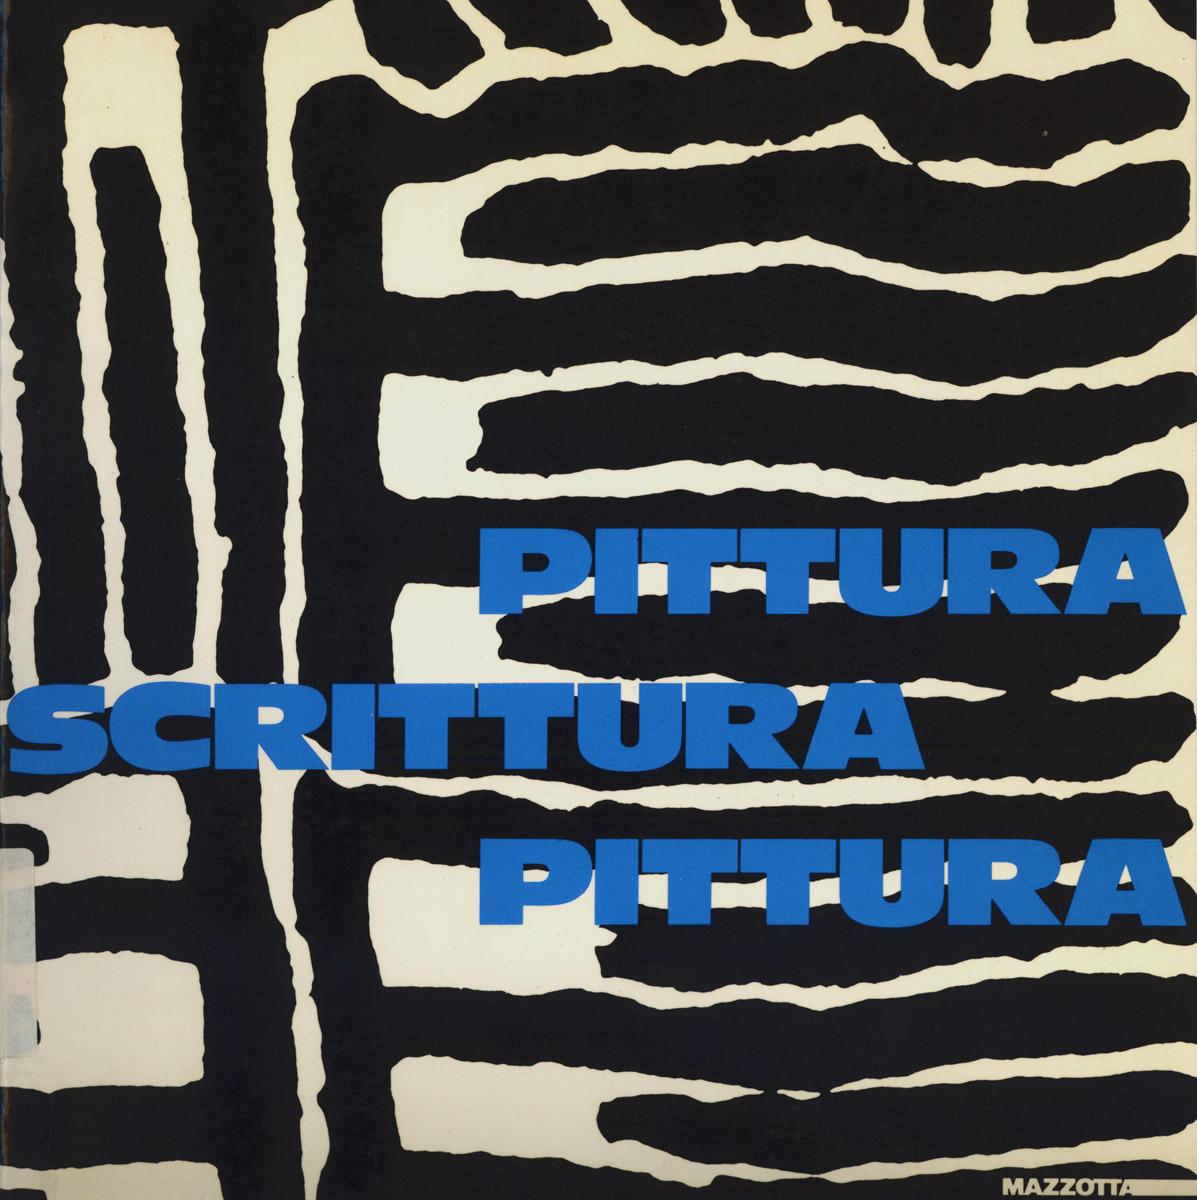 """l'immagine mostra la copertina del catalogo di Mazzotta """"Pittura Scrittura Pittura"""". Il titolo di colore azzurro occupa la parte centrale dell'immagine sotto un pattern grafico bianco e nero"""